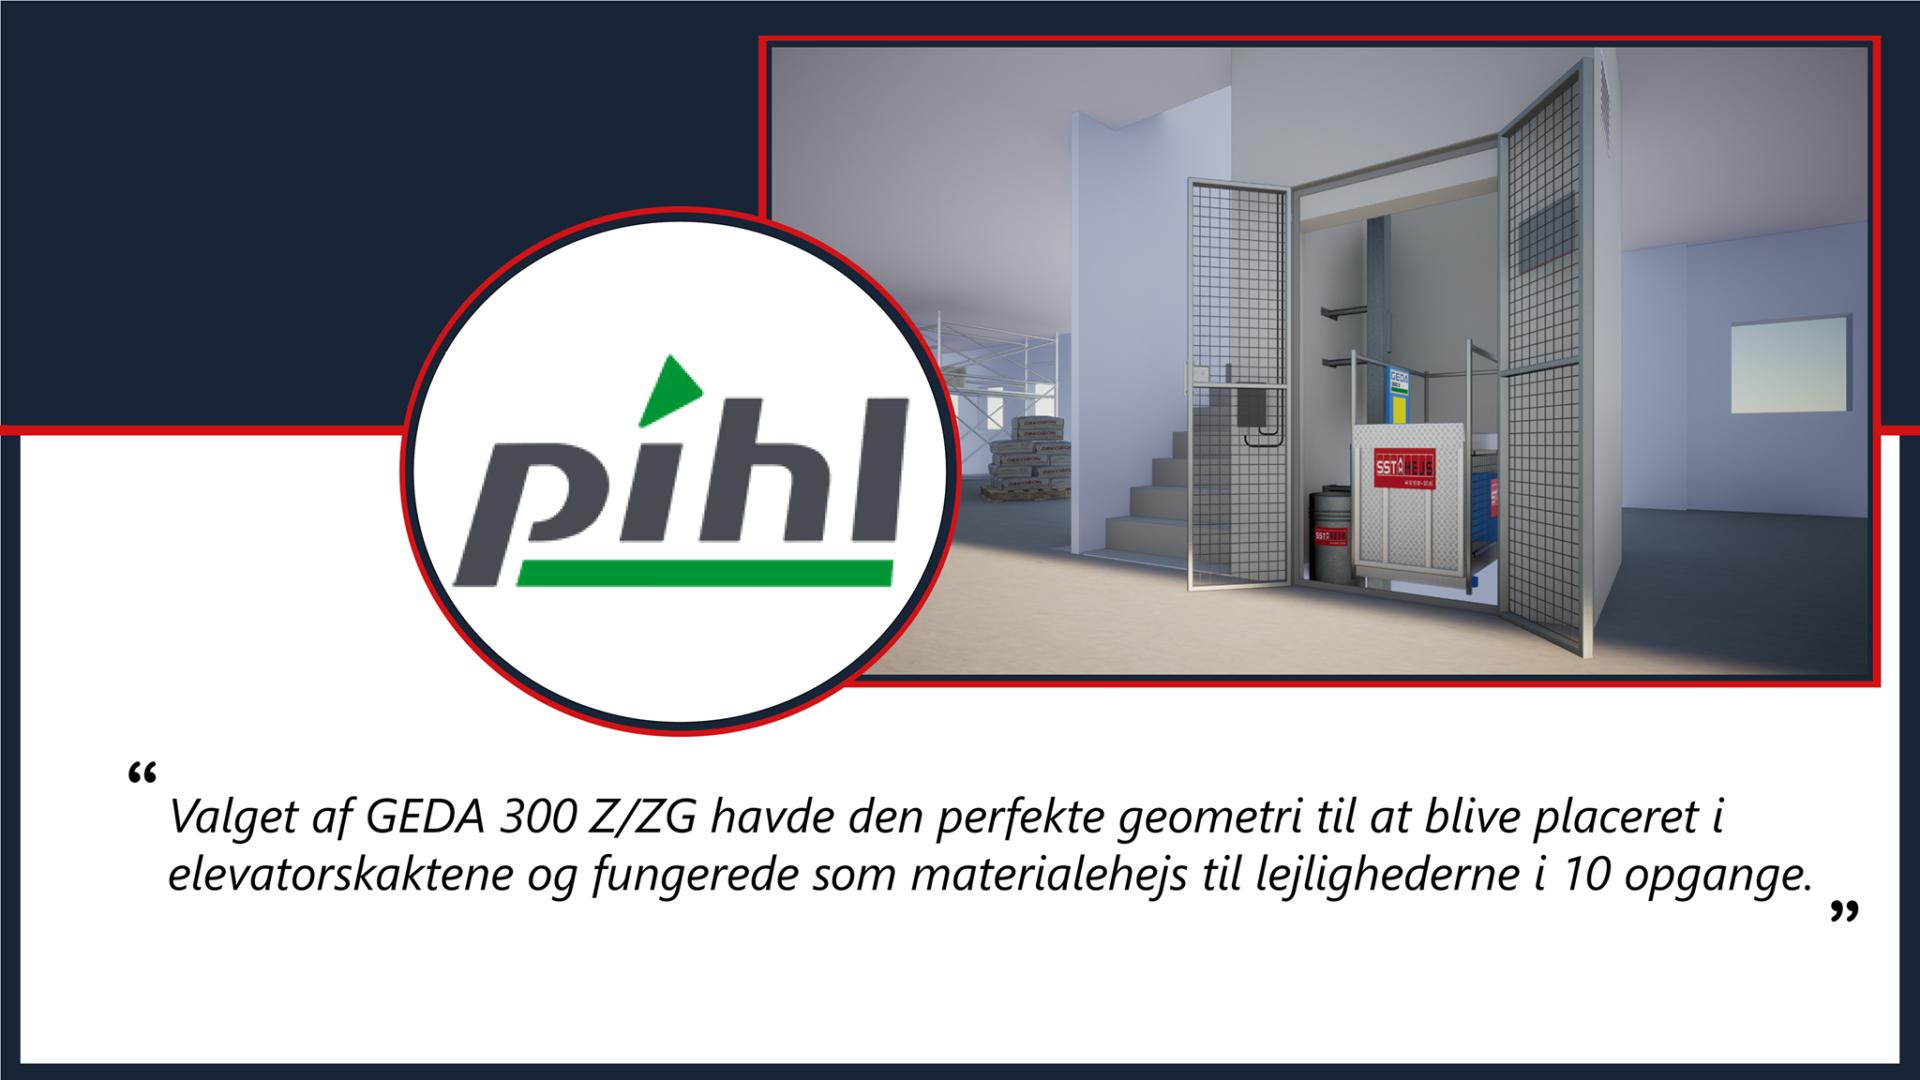 Pihl og søn lejede GEDA 300 Z ZG skakthejs til Teglholm Brygge af SST HEJS 2020